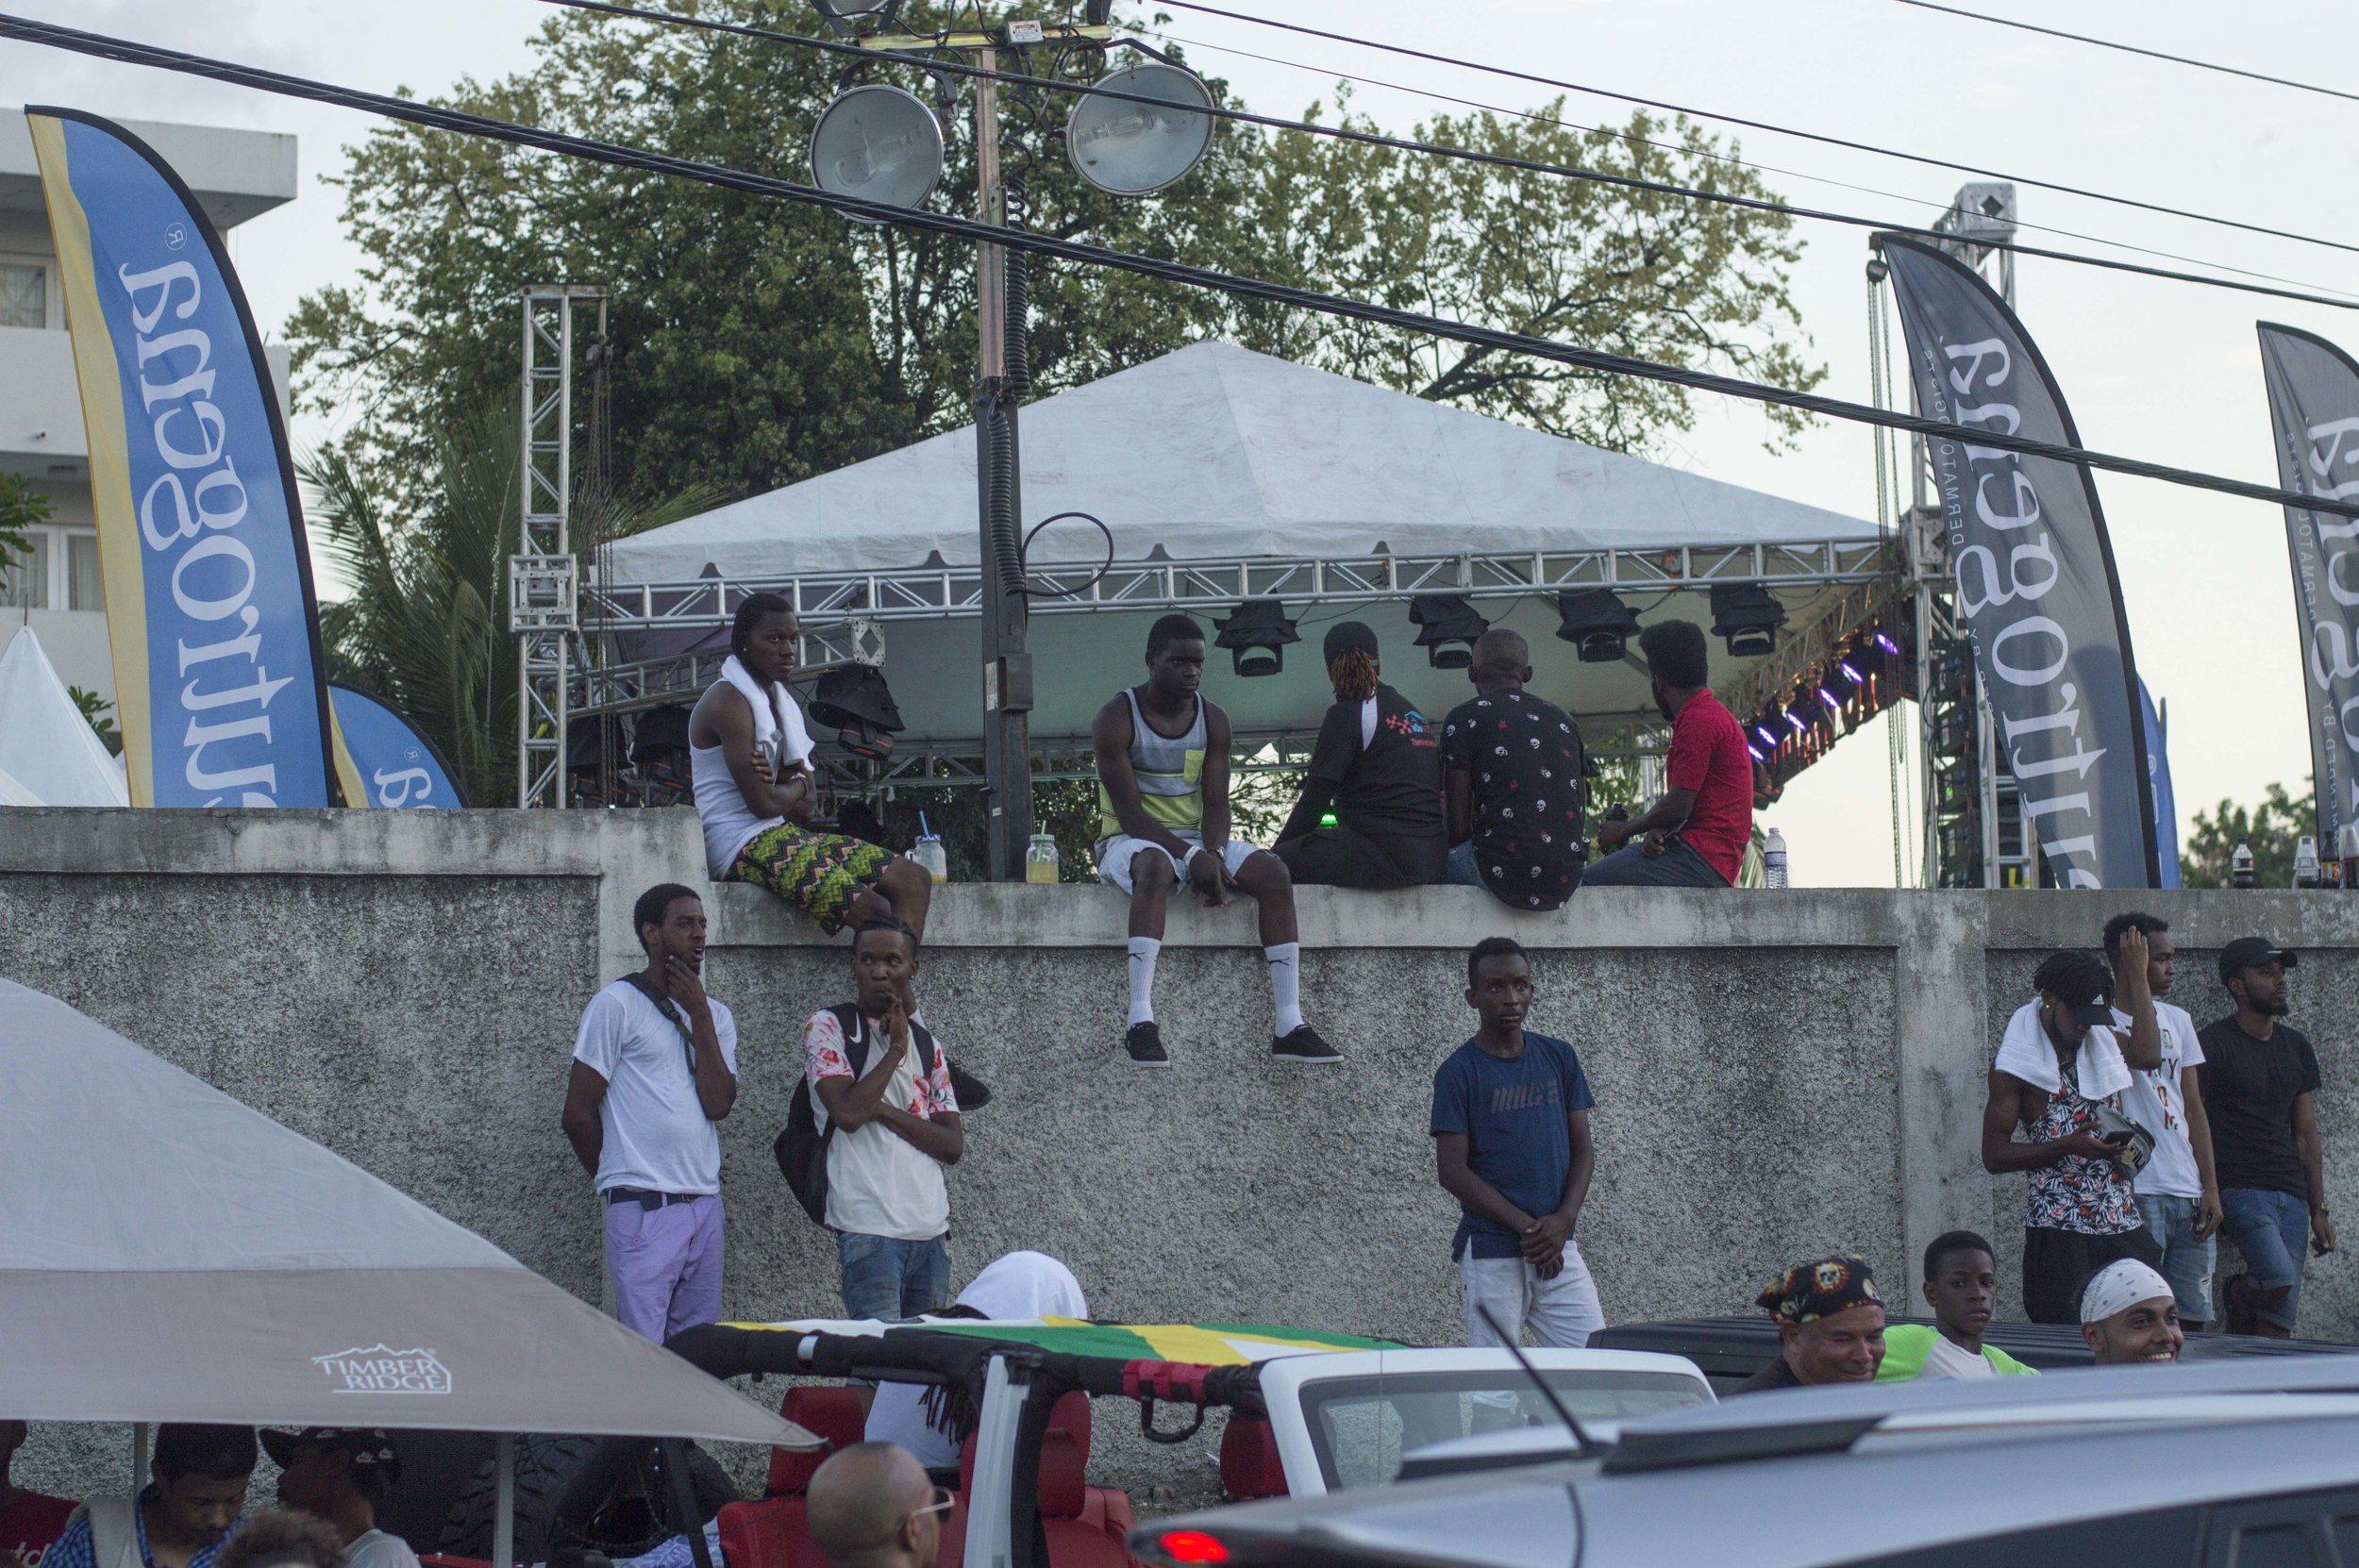 carnival2019_jeanalindo-85.jpg